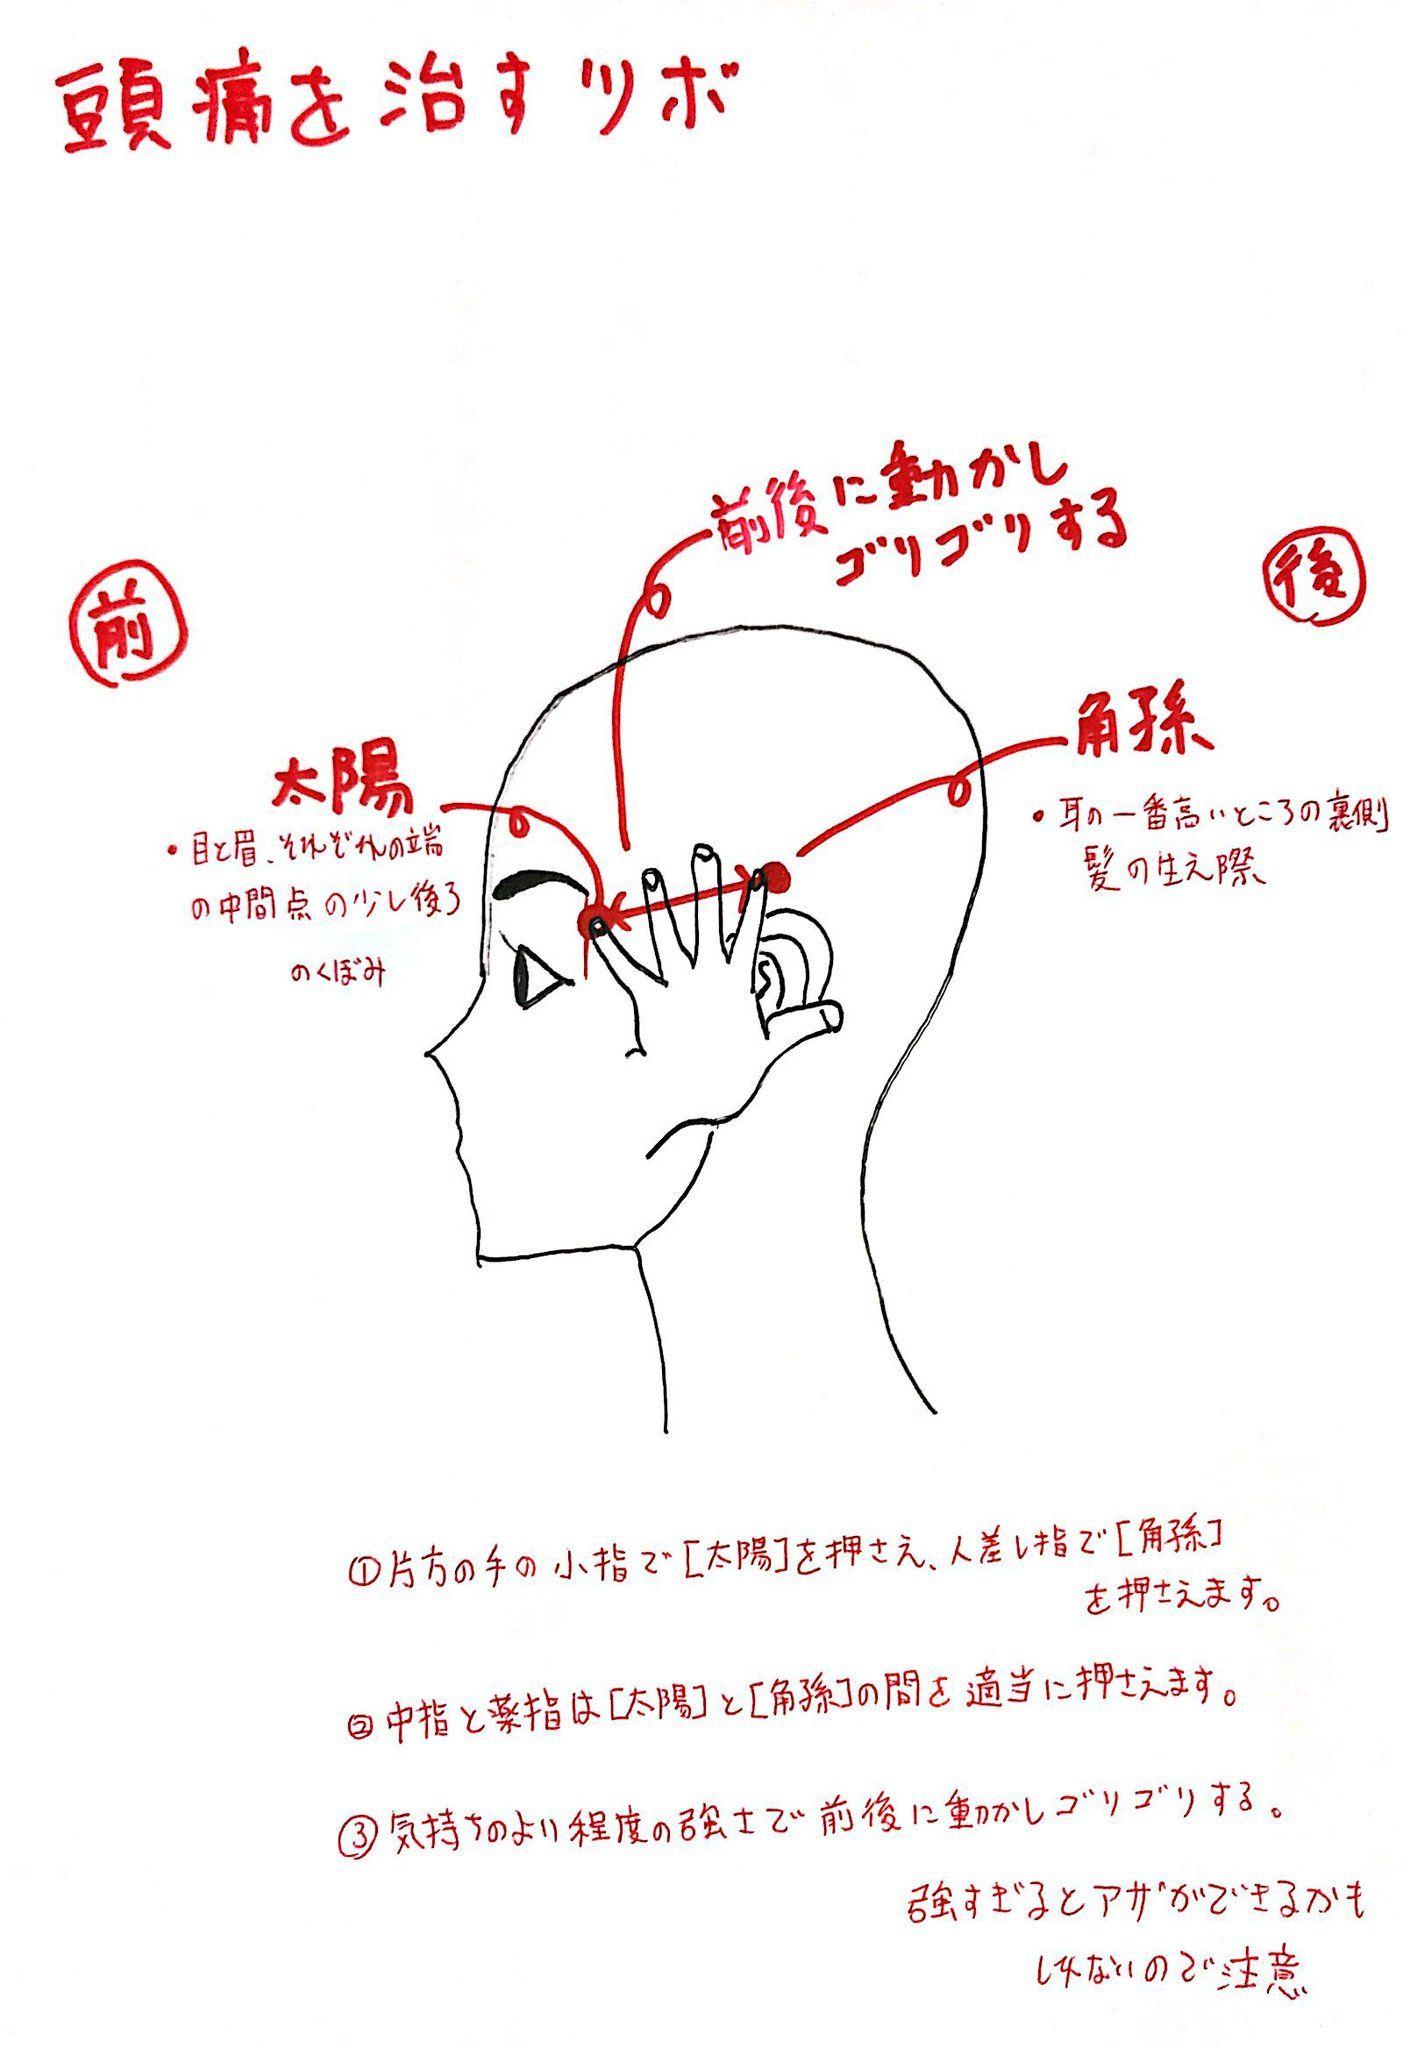 治す 一瞬 頭痛 を 方法 で